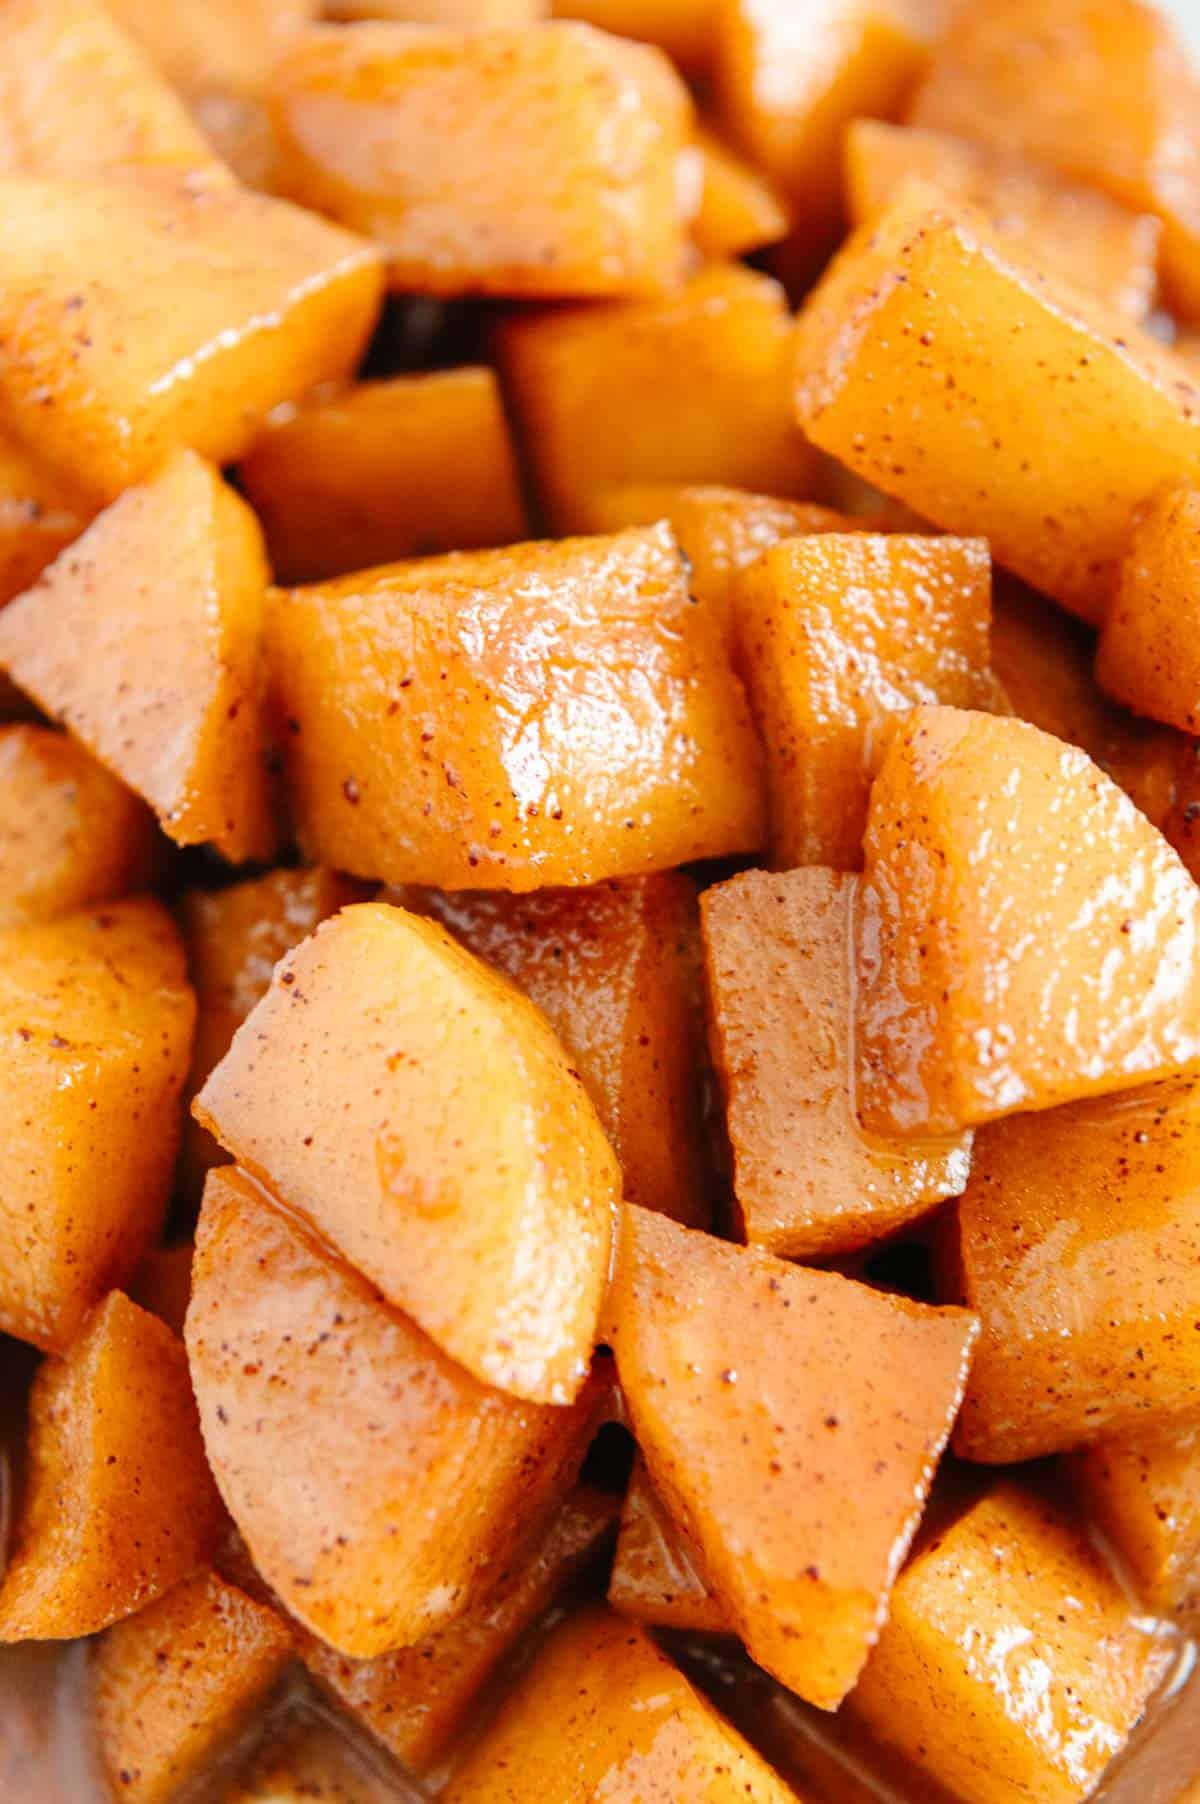 Easy Sautéed Apples